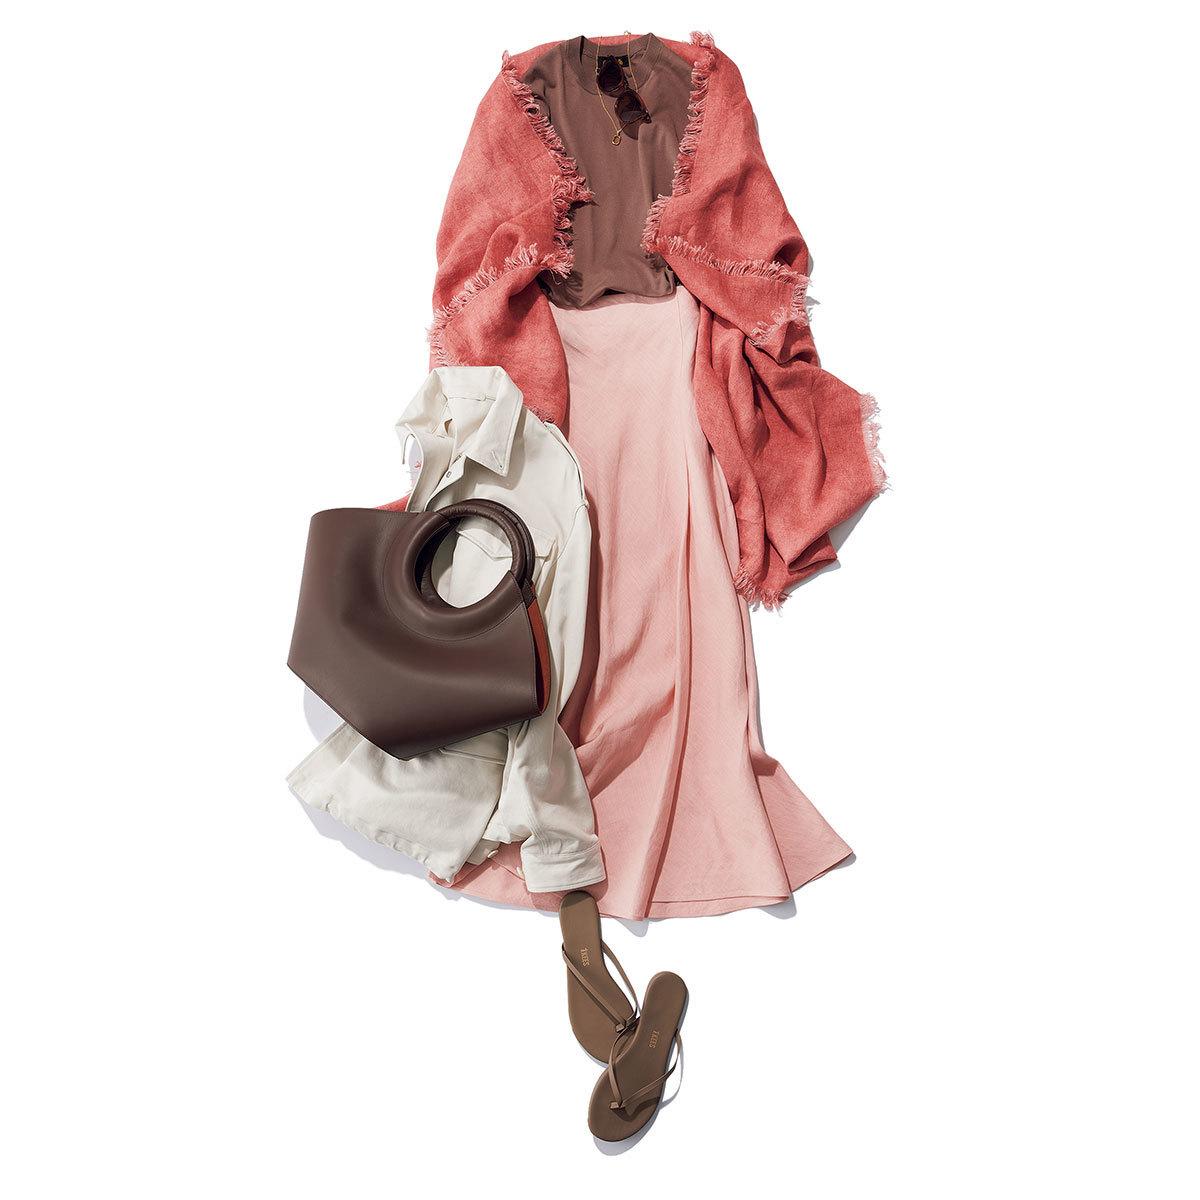 夏のブラウンで品よくこなれる! 大人のプチプラ高見えも叶えるブラウンコーデまとめ 40代ファッション_1_3